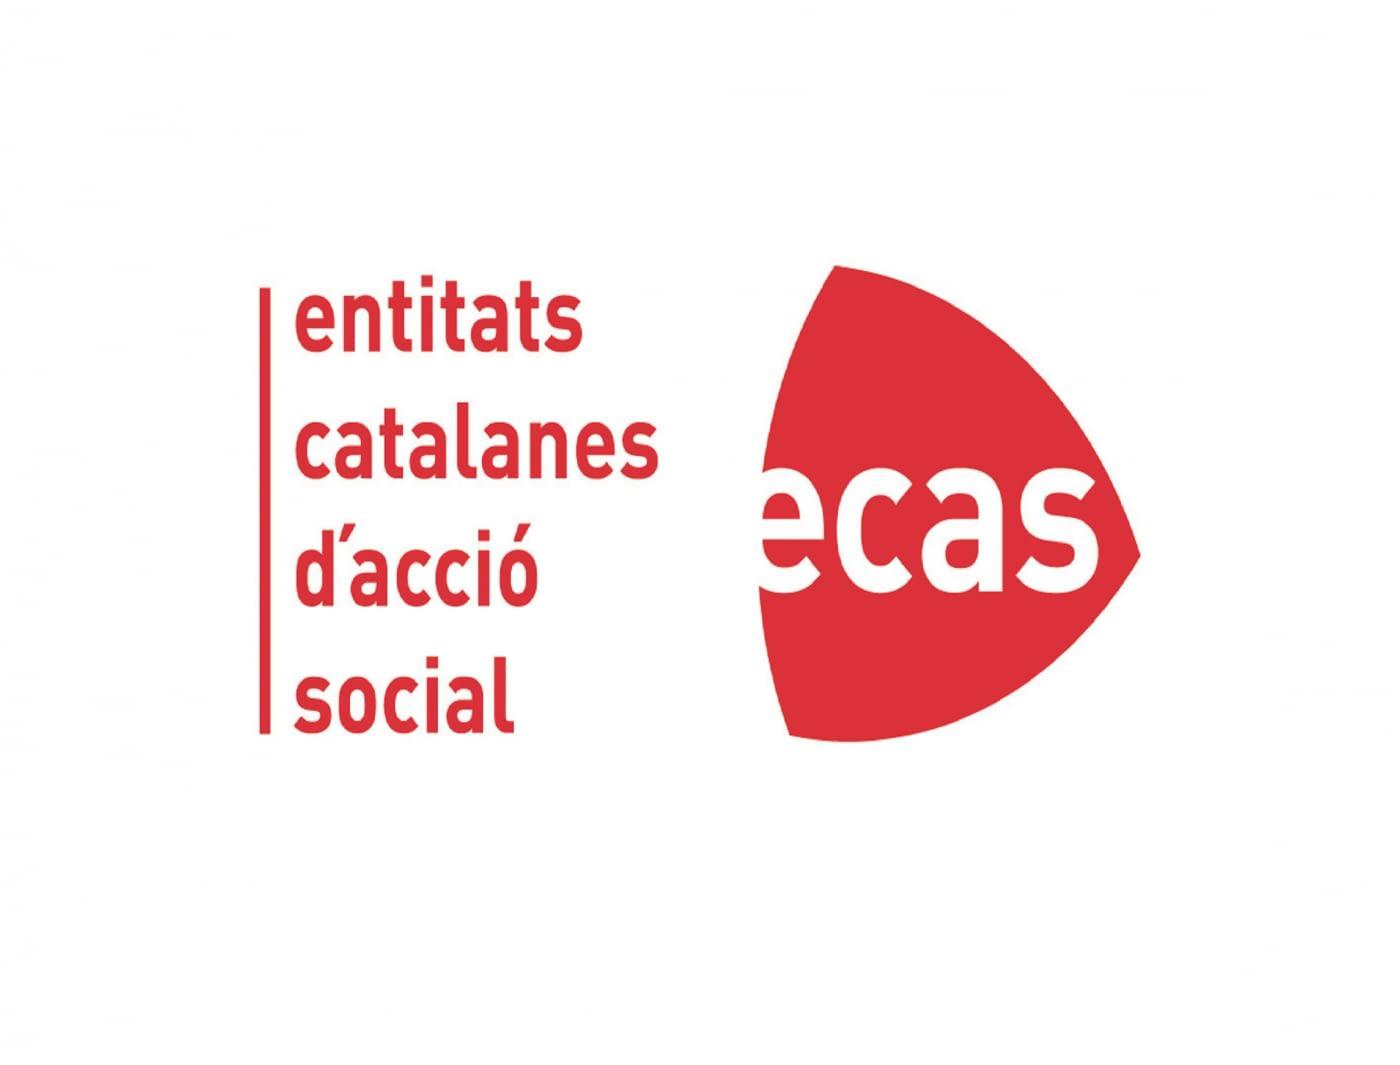 ECAS reclama més inversió social i polítiques públiques transformadores